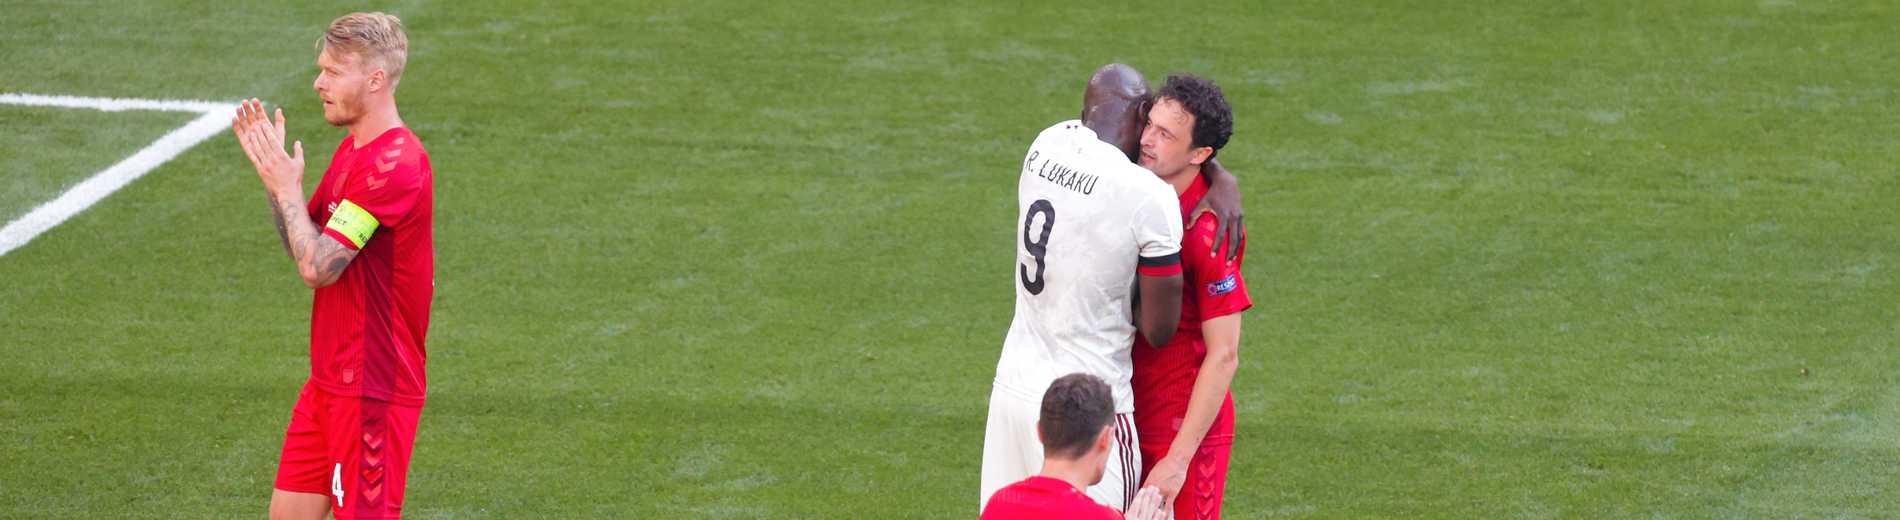 Romelo Lukaku och Thomas Delaney kramar om varandra under hyllningen av Christian Eriksen.